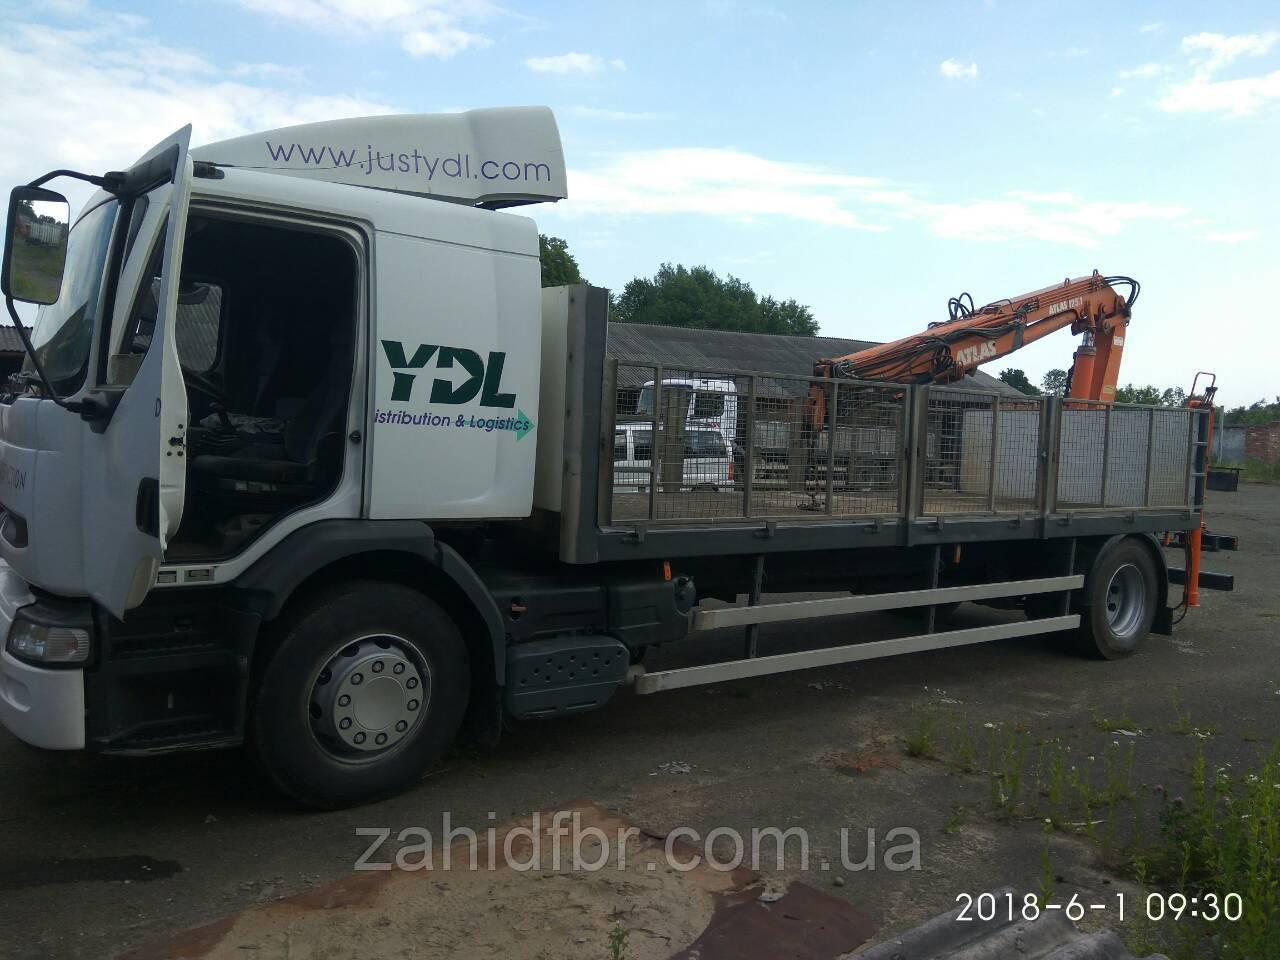 Вантажні перевезення, доставка товарів, матеріалів, обладнання